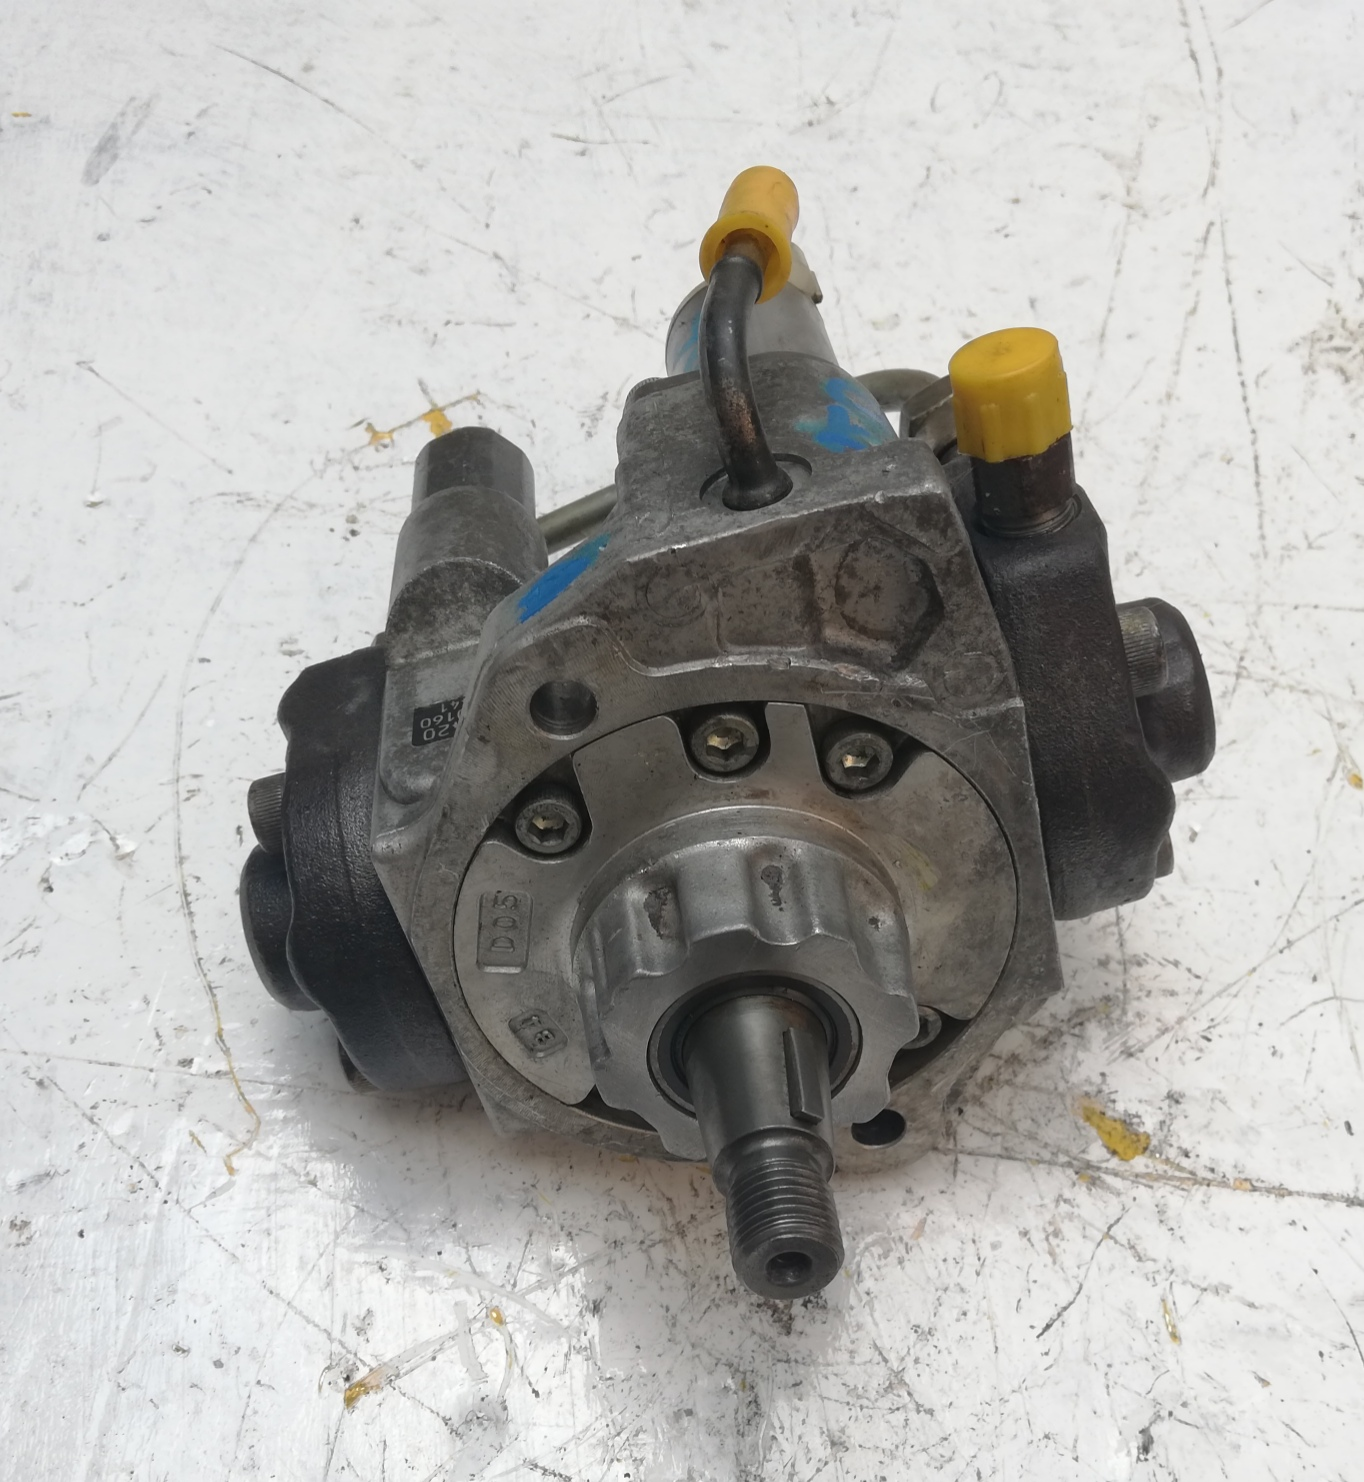 Sprawdzona Pompa Wtryskowa Nissan 2.2DCI 16700 AW420